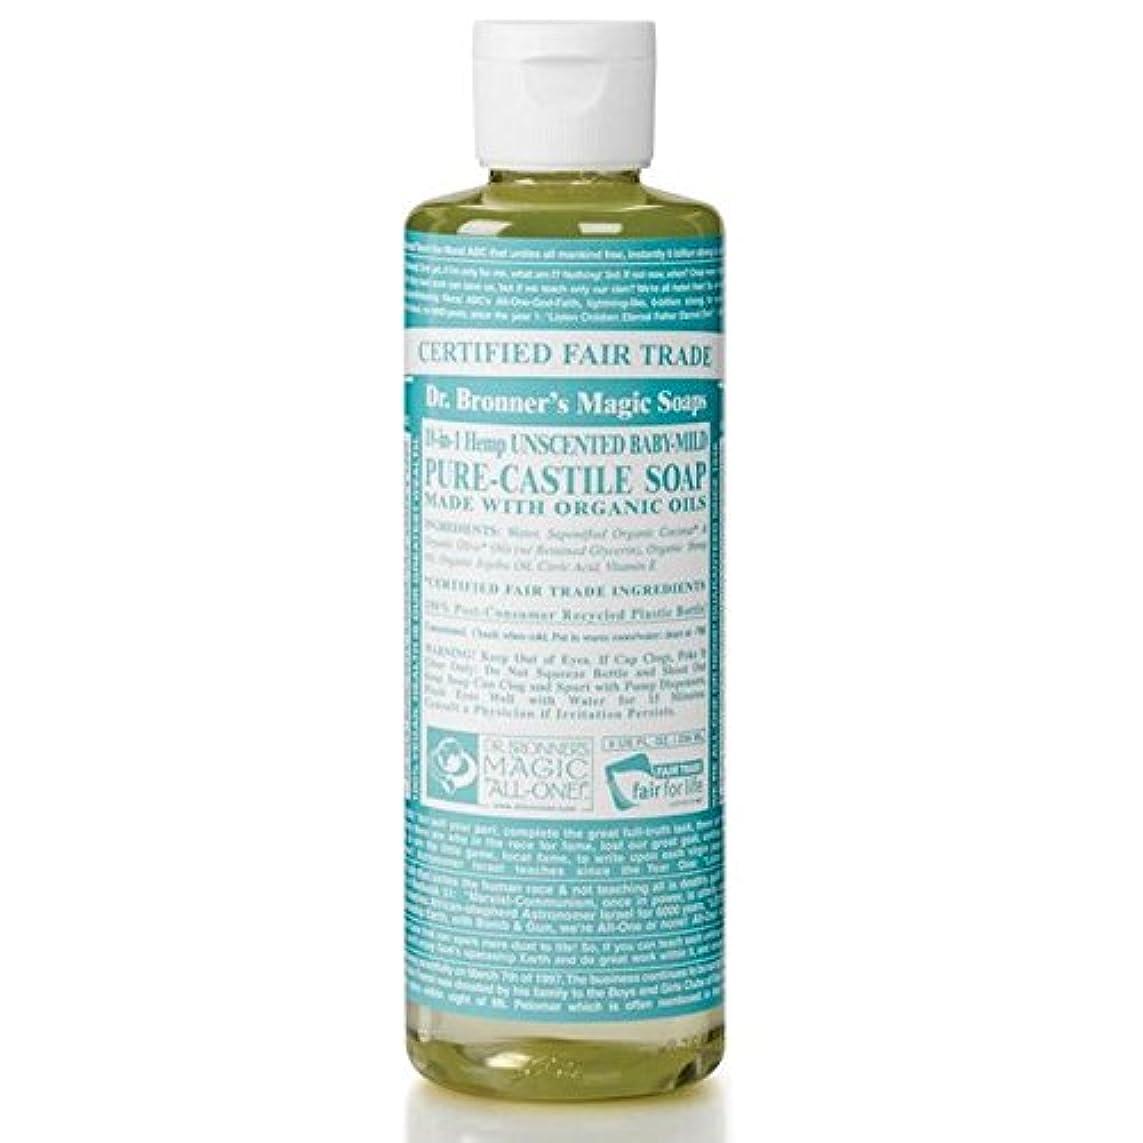 地雷原リーン病弱のブロナーオーガニックベビーマイルドなキャスト液体石鹸237ミリリットル x2 - Dr Bronner Organic Baby Mild Cast Liquid Soap 237ml (Pack of 2) [並行輸入品]